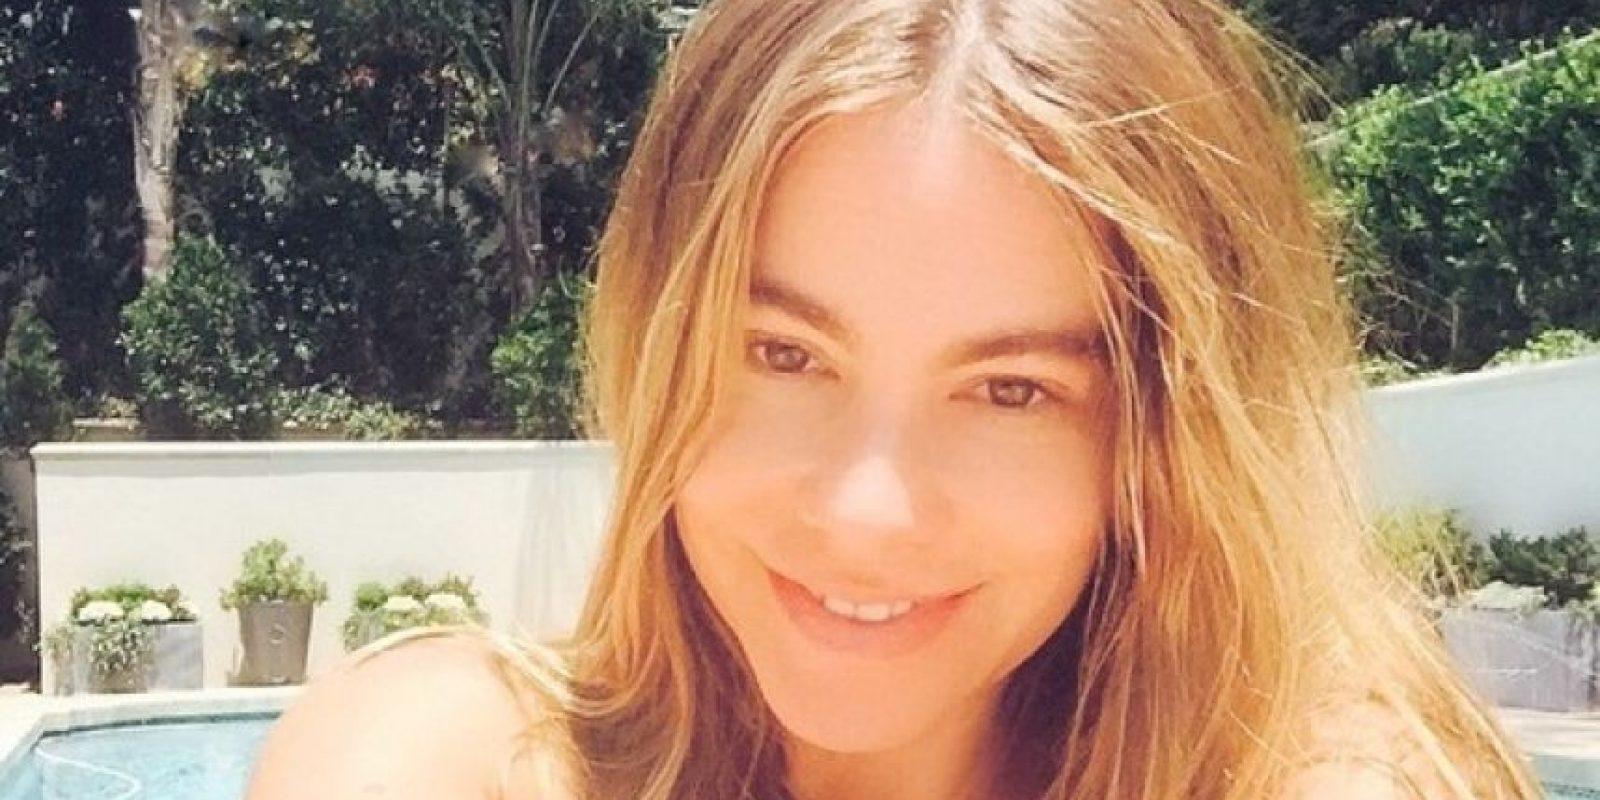 La actriz colombiana presumió su cara lavada en Instagram. Foto:Instagram/SofiaVergara